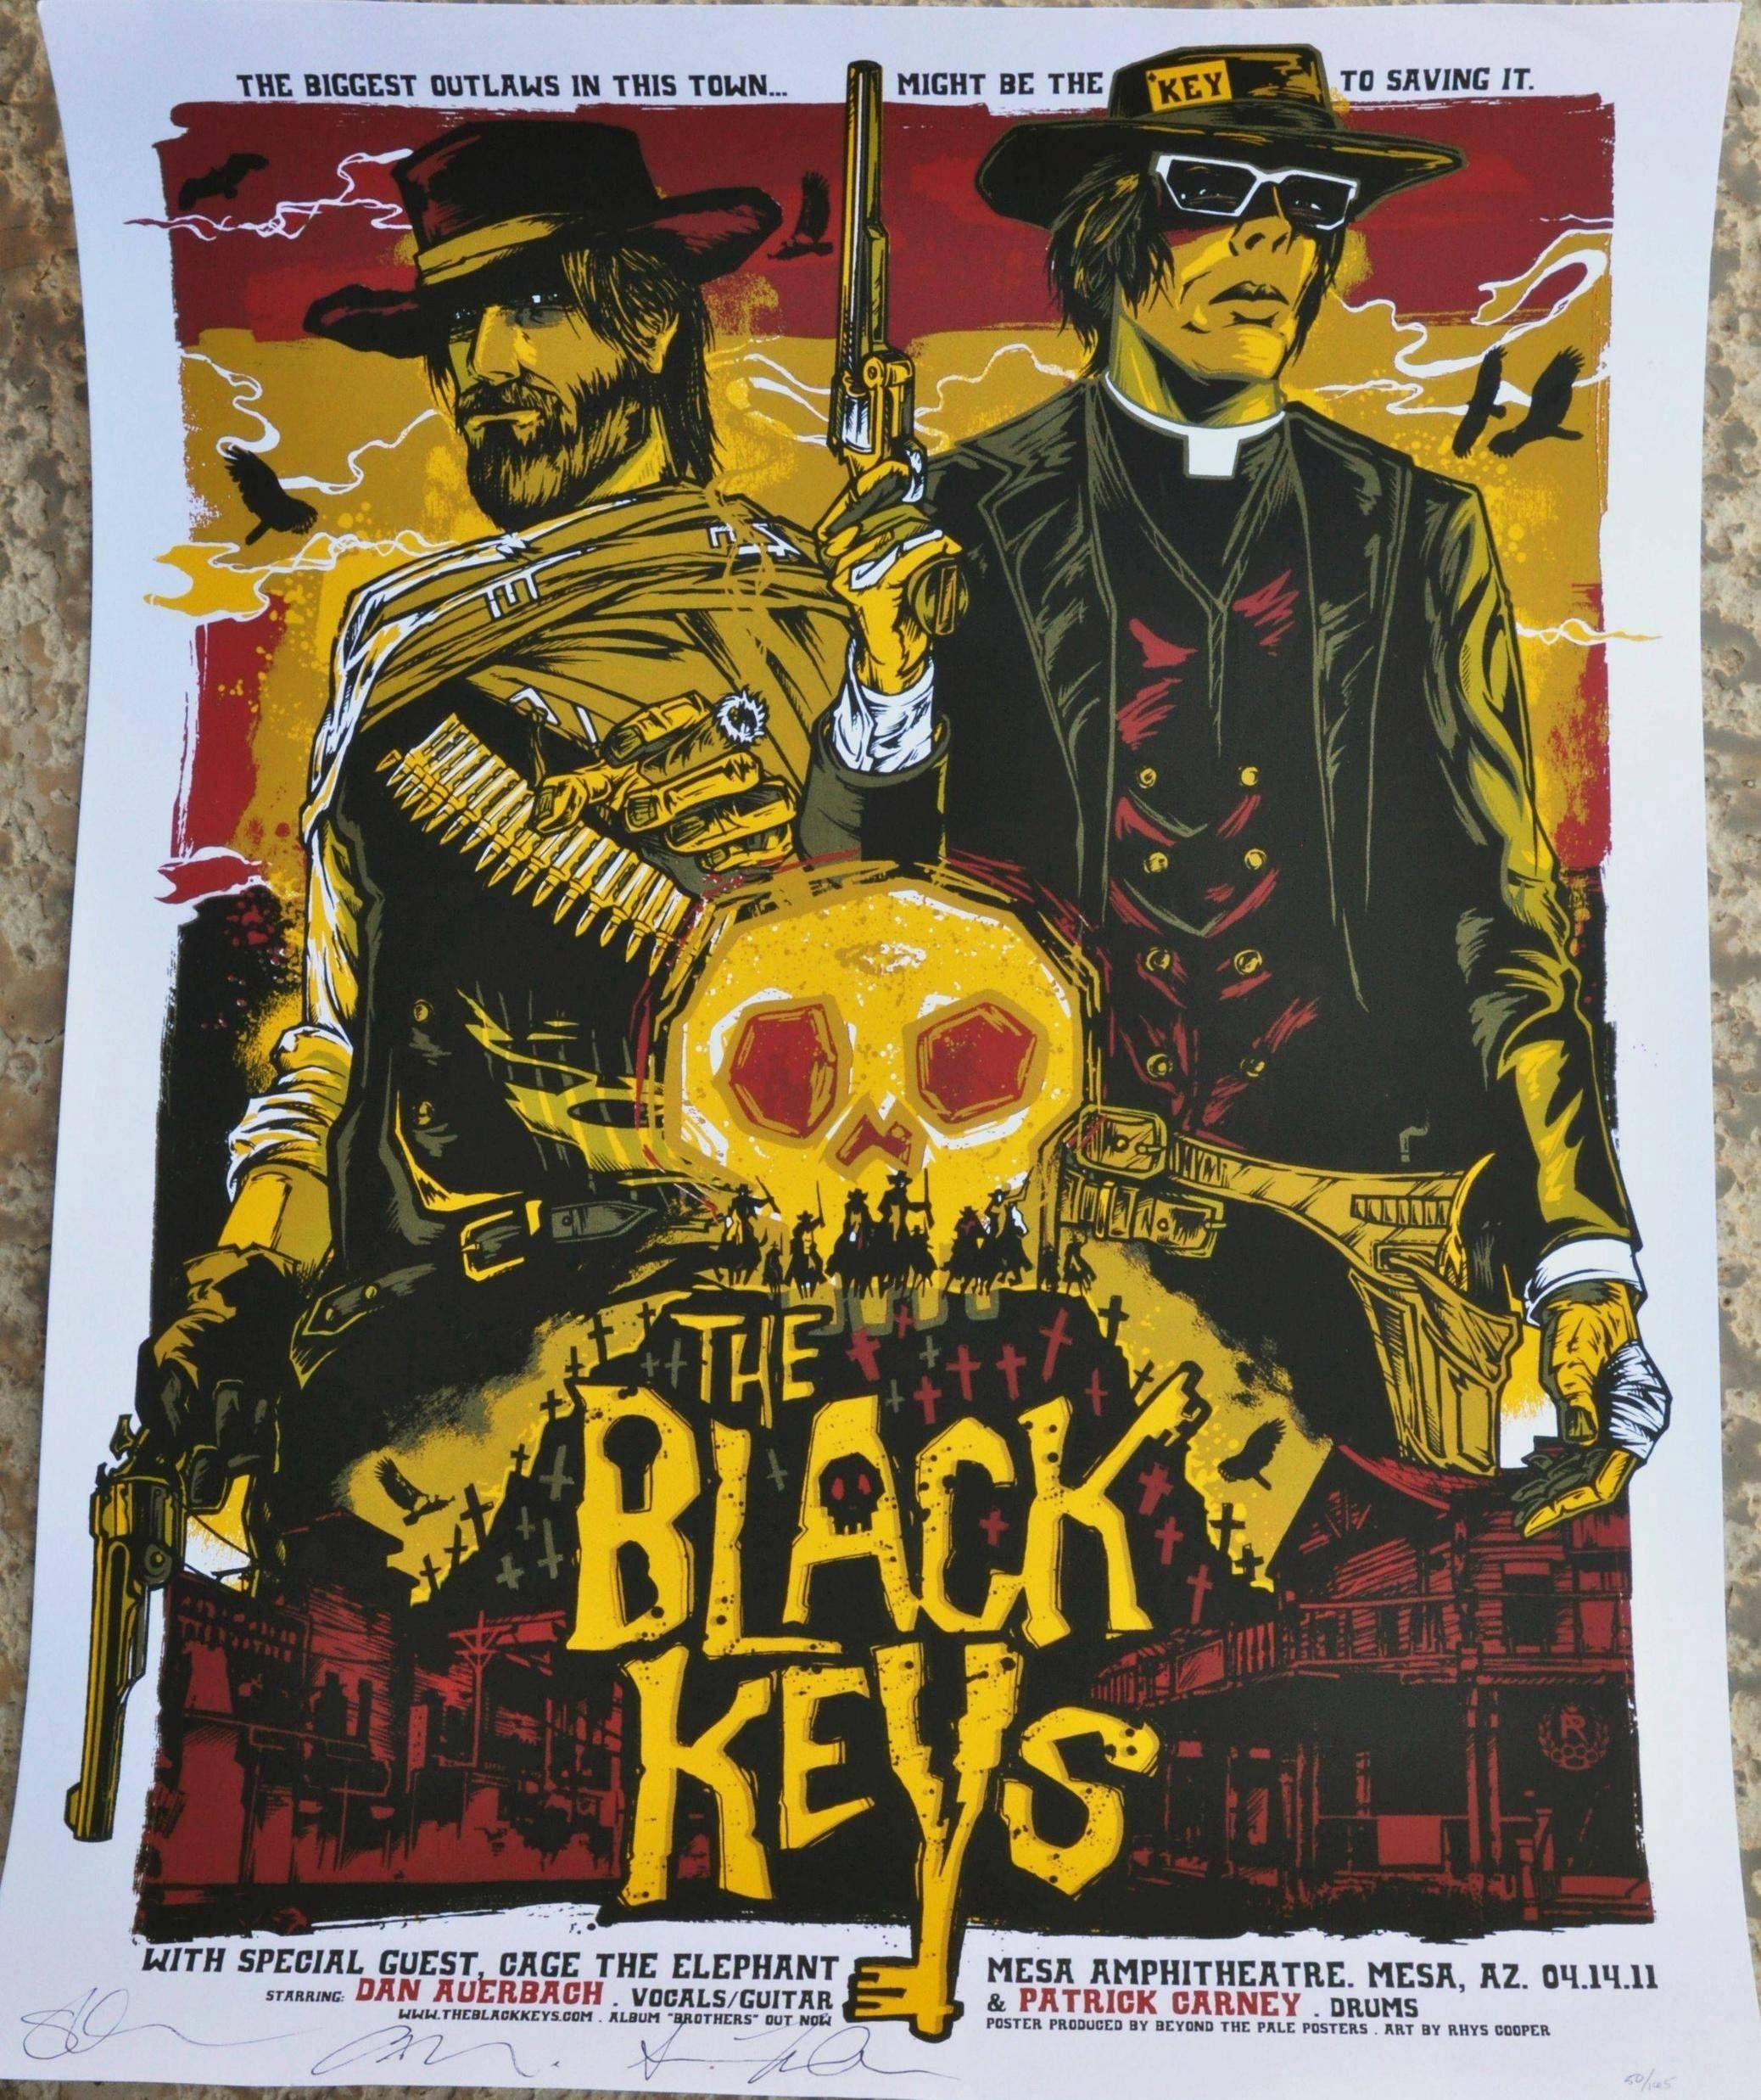 Best concert poster concert posters the black keys poster